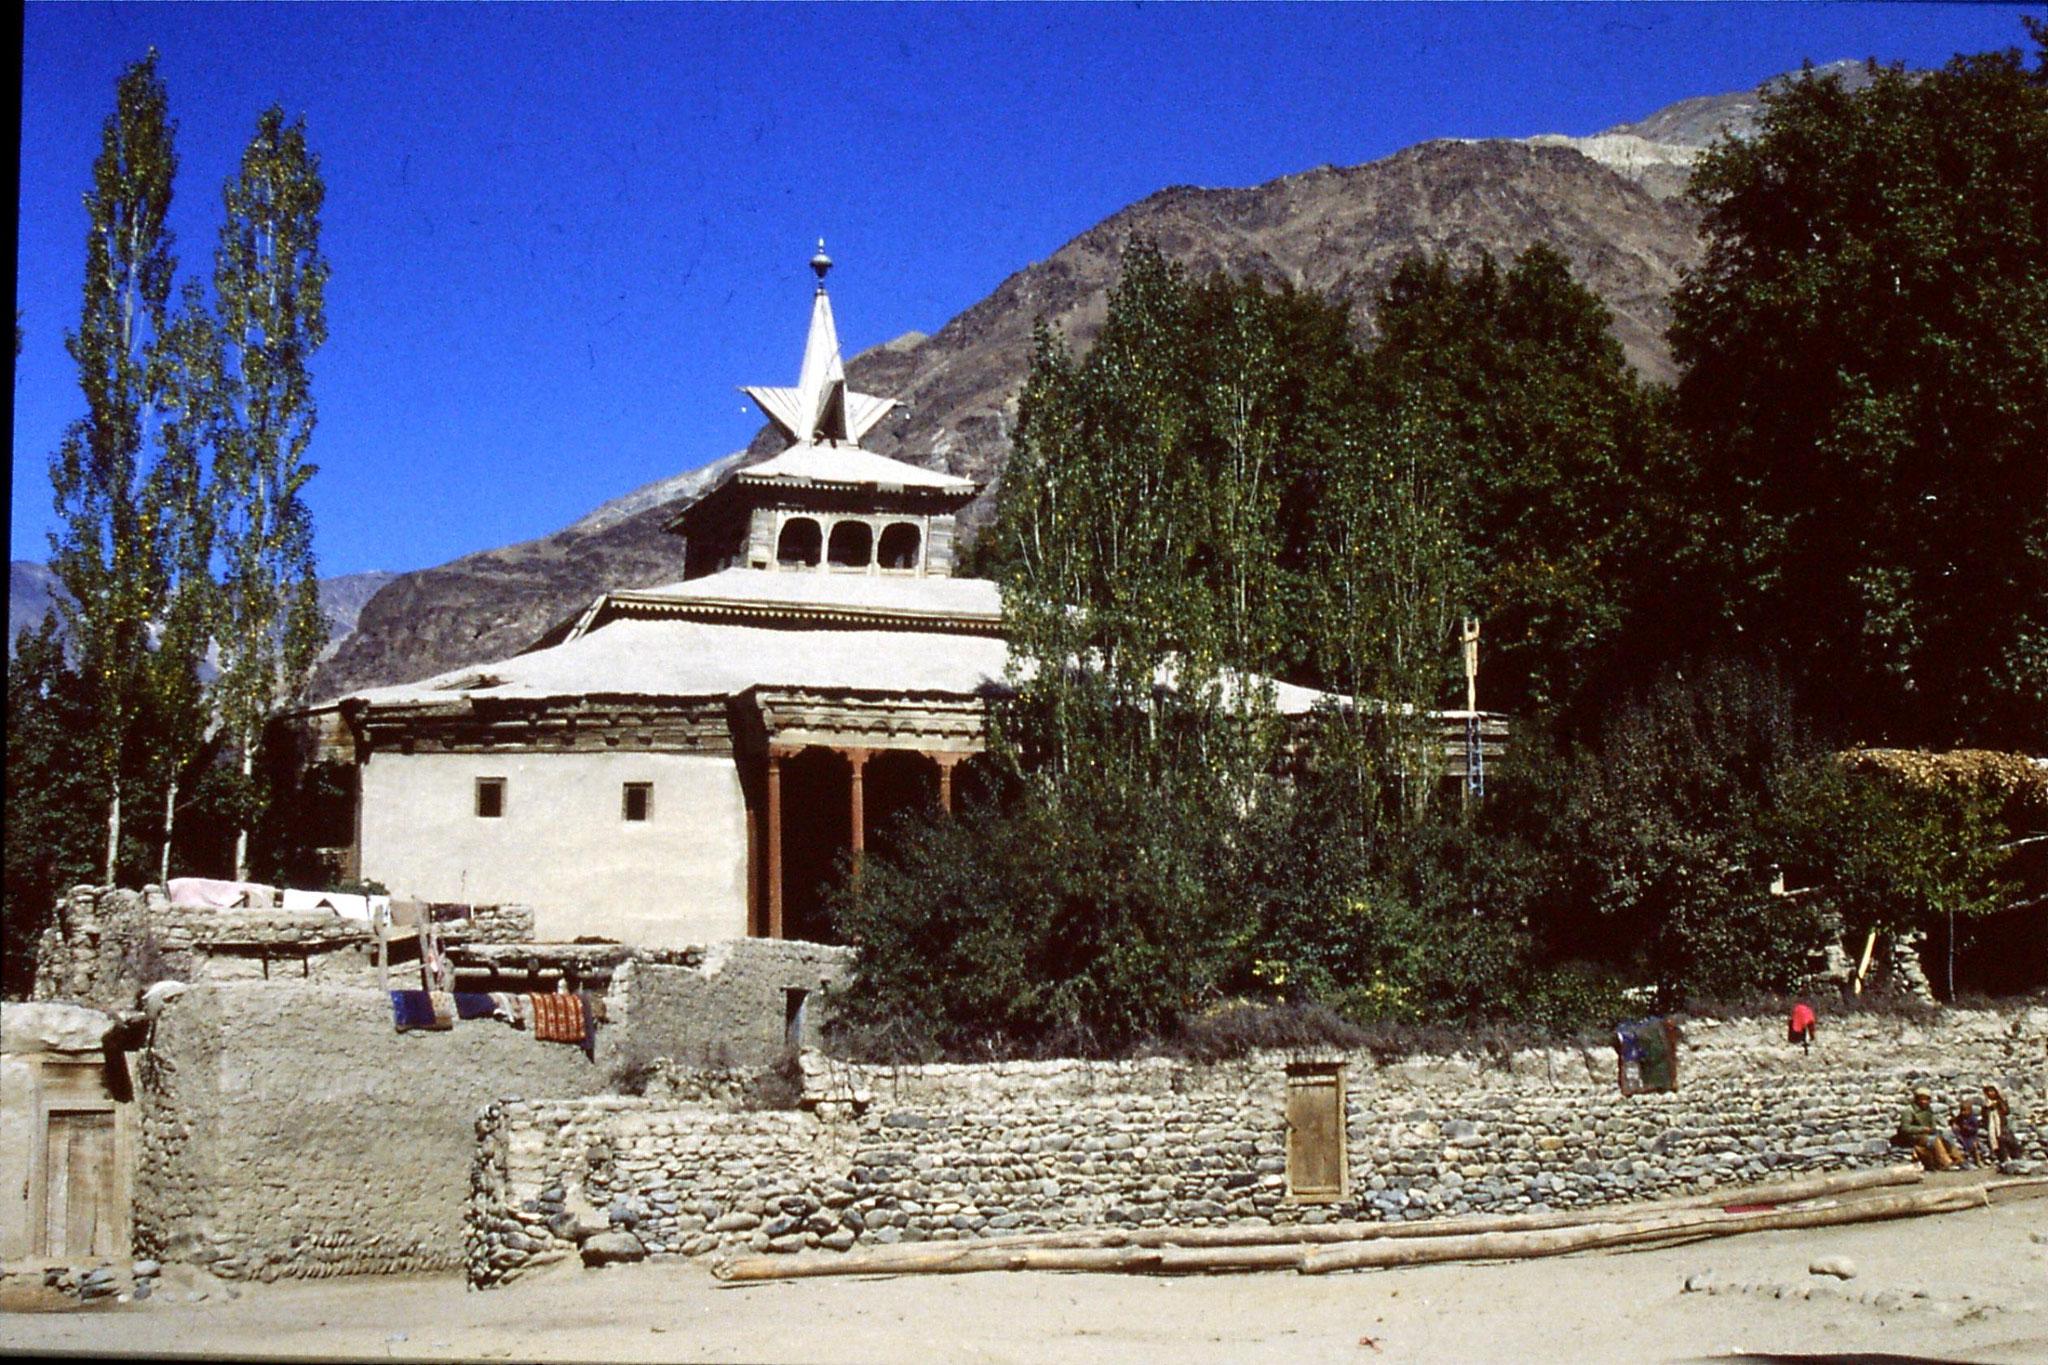 20/10/1989: 9: Shigar, 'Tibetan Mosque'